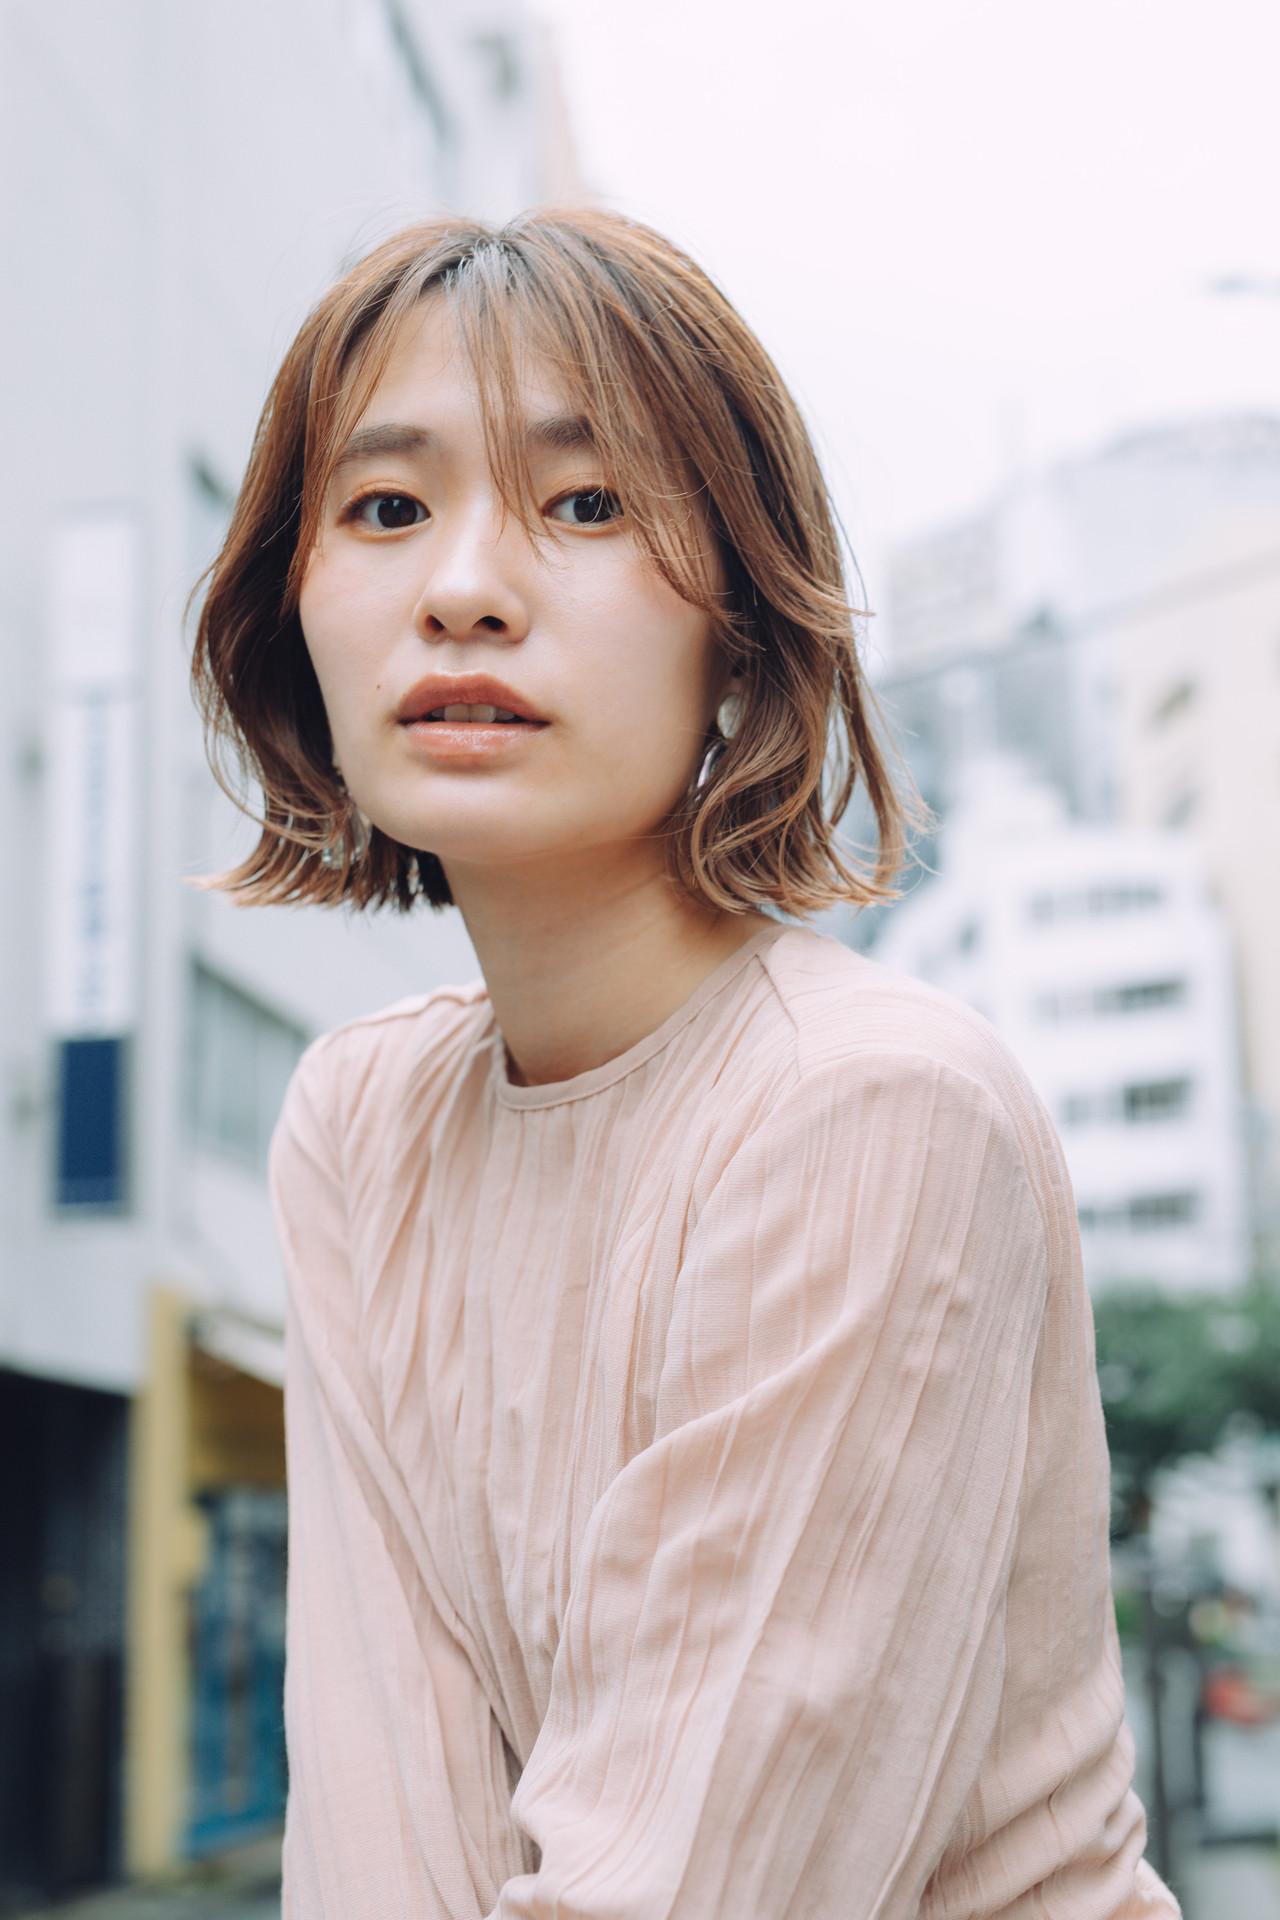 外ハネボブ ミニボブ  切りっぱなしボブ ヘアスタイルや髪型の写真・画像 | 児玉善央 / GARDEN harajuku